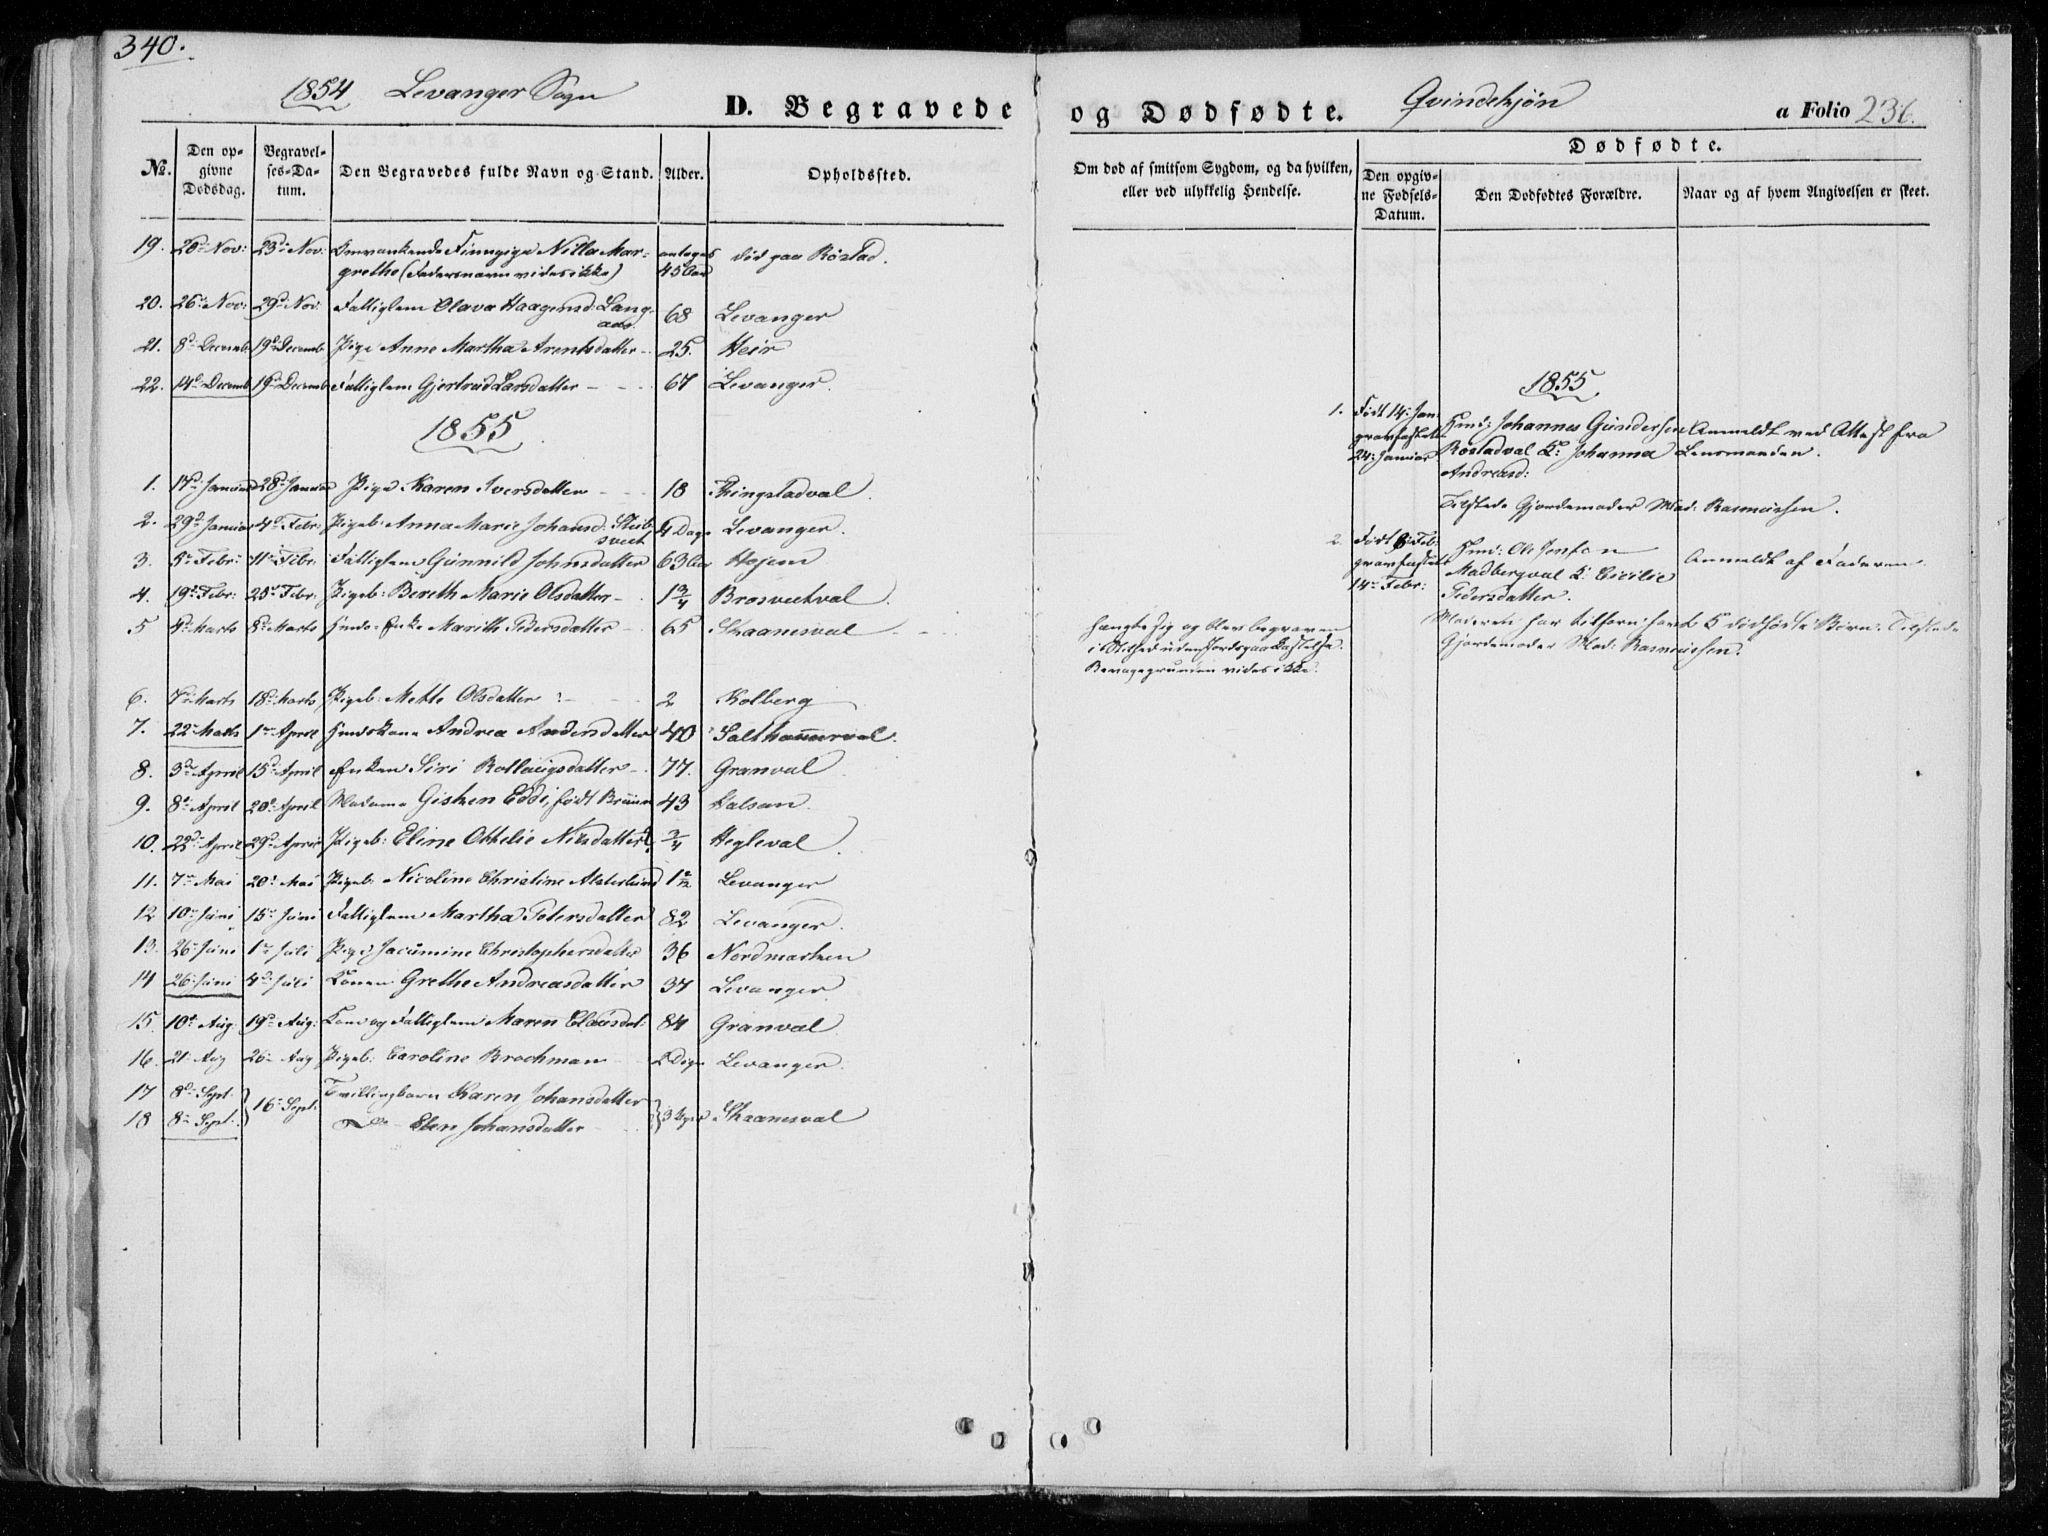 SAT, Ministerialprotokoller, klokkerbøker og fødselsregistre - Nord-Trøndelag, 720/L0183: Ministerialbok nr. 720A01, 1836-1855, s. 236